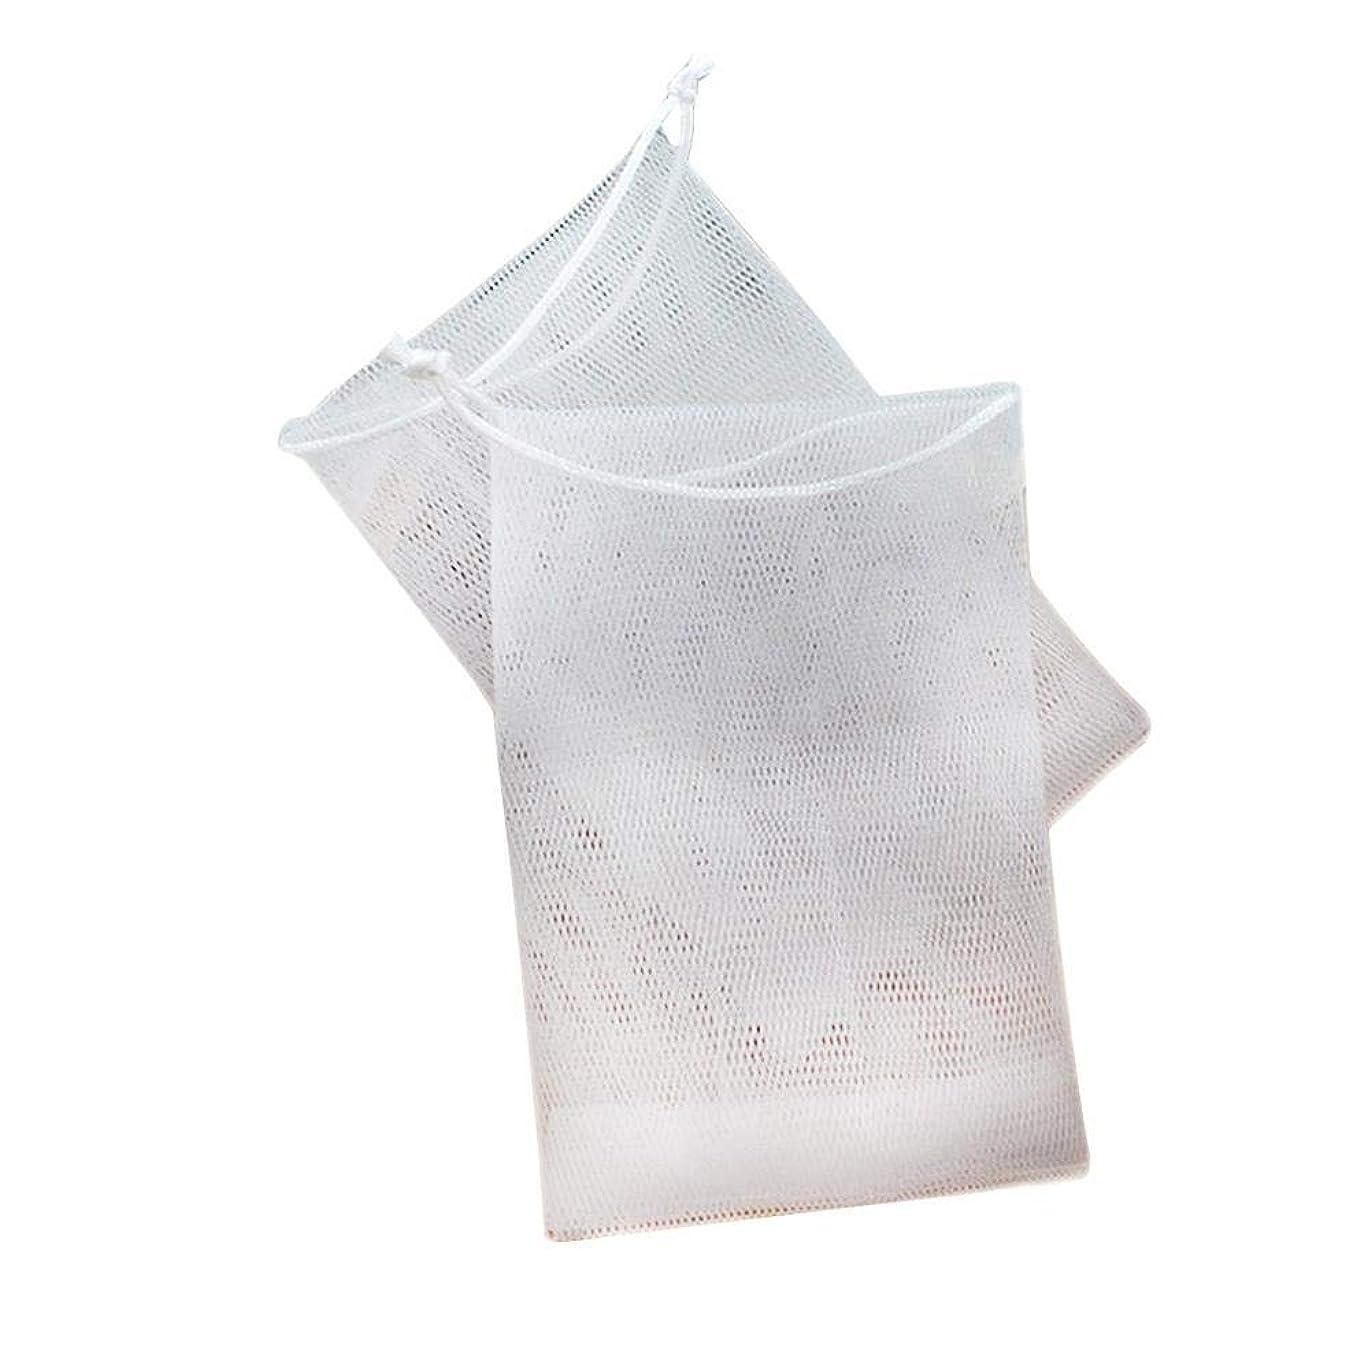 場合ゴシップ承知しました石鹸の袋の網のドローストリング袋は ハンドメイドの石鹸の泡泡ネットメーカーのために掛けることができます 12×9cm